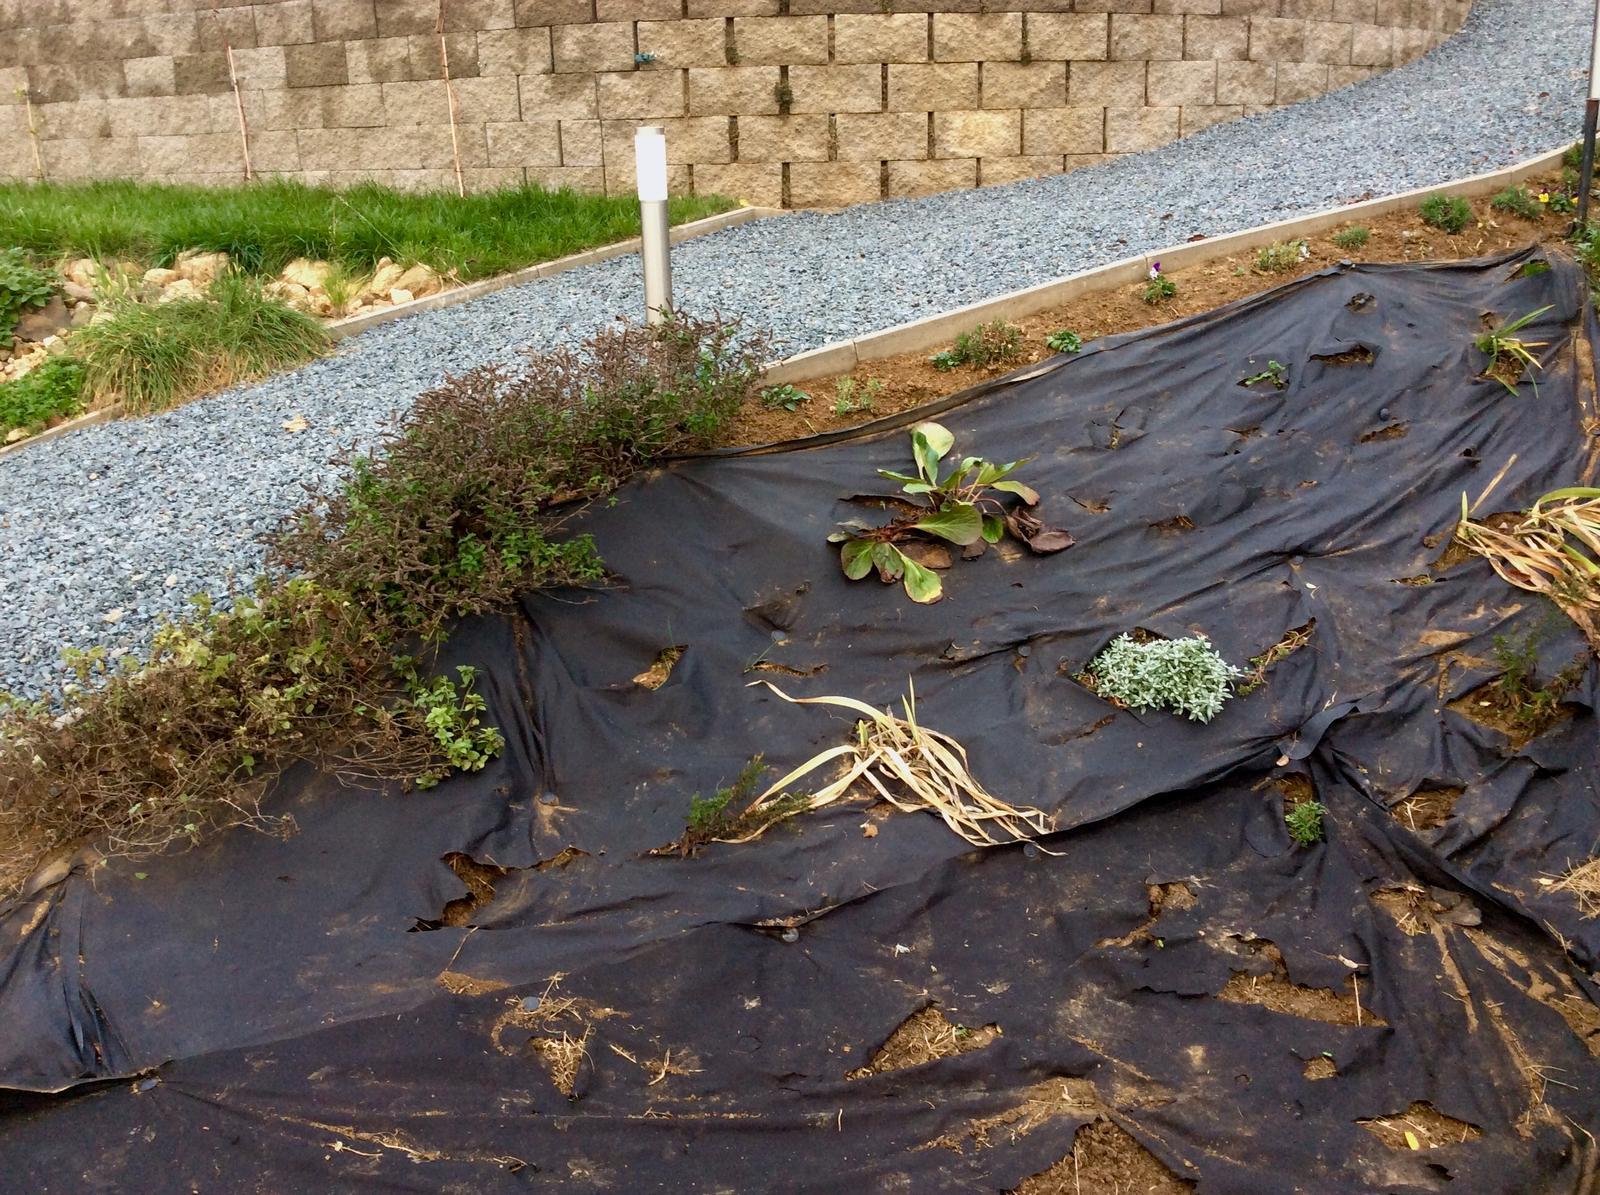 Skřítčí zahrada 2015 - 2020 - Listopad 2018 - tady bych chtěla mít květinovou skalku, něco jsem už do země zapíchala a na jaře se uvidí, co a kolik bude potřeba dosázet, taky oddělám geotextílii a začnu usazovat kameny